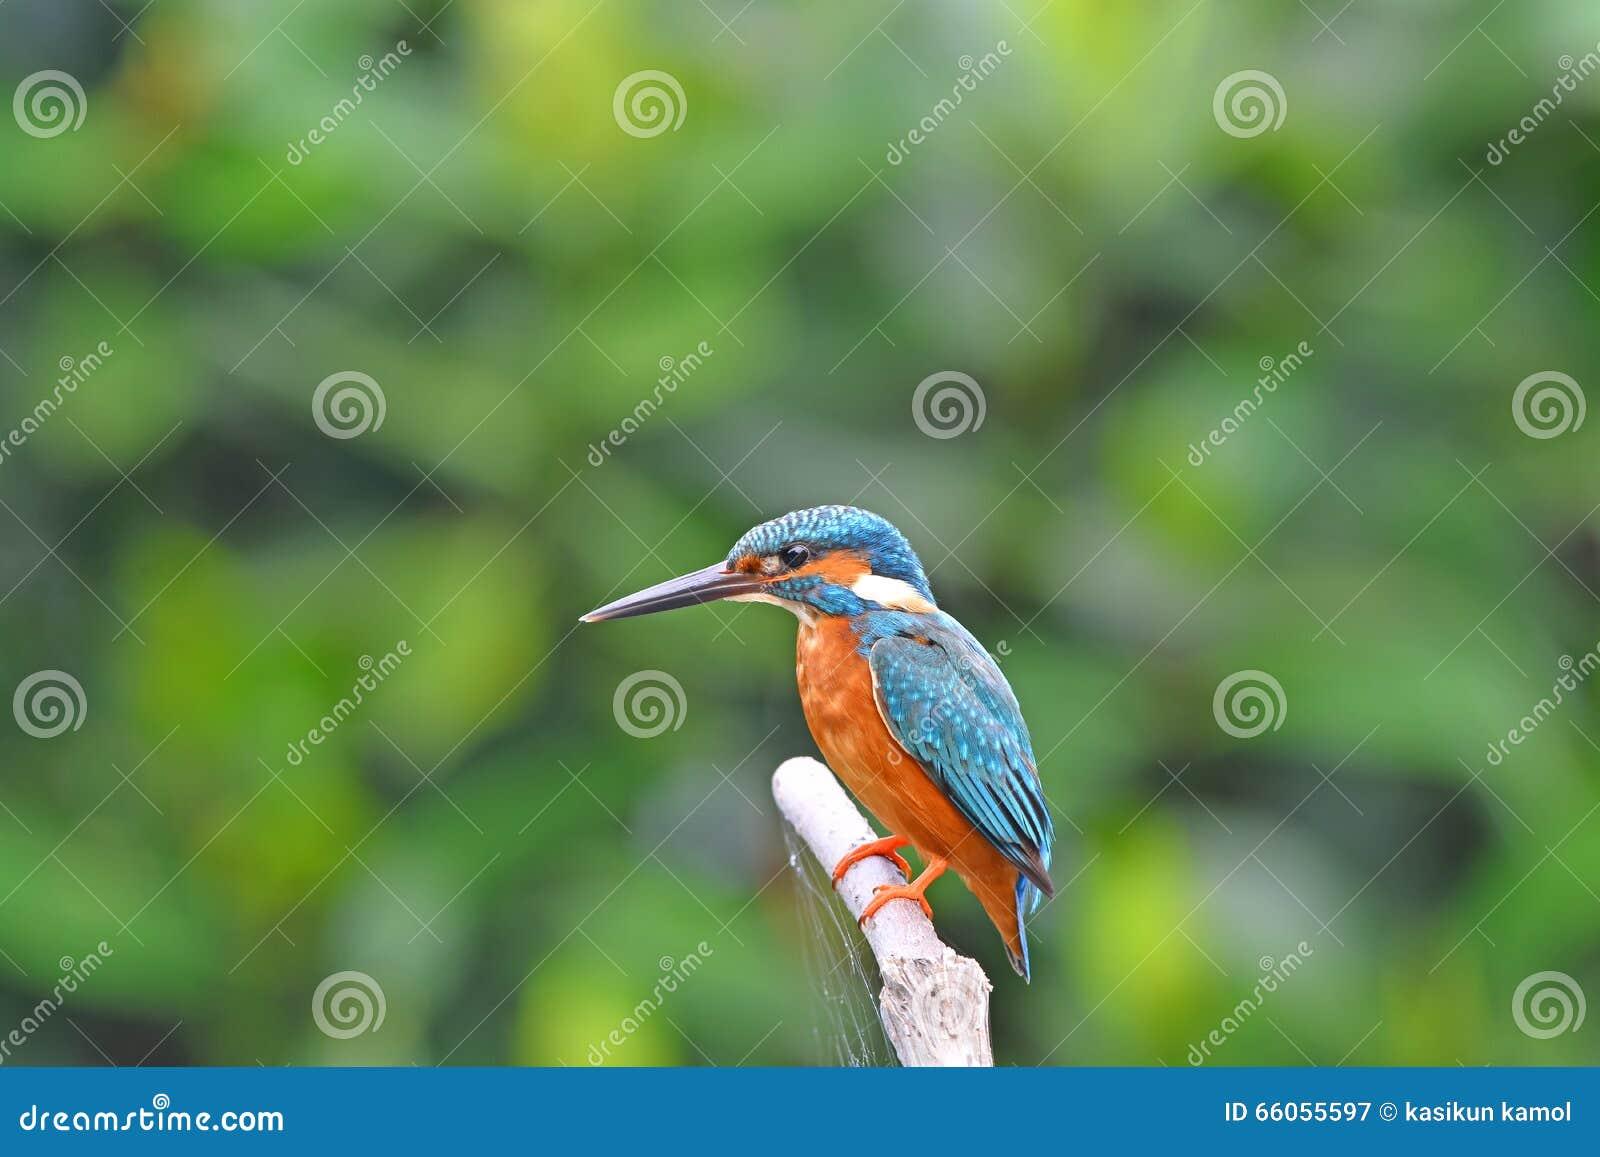 Beautiful Colorful Kingfisher Bird, Male Blue-eared